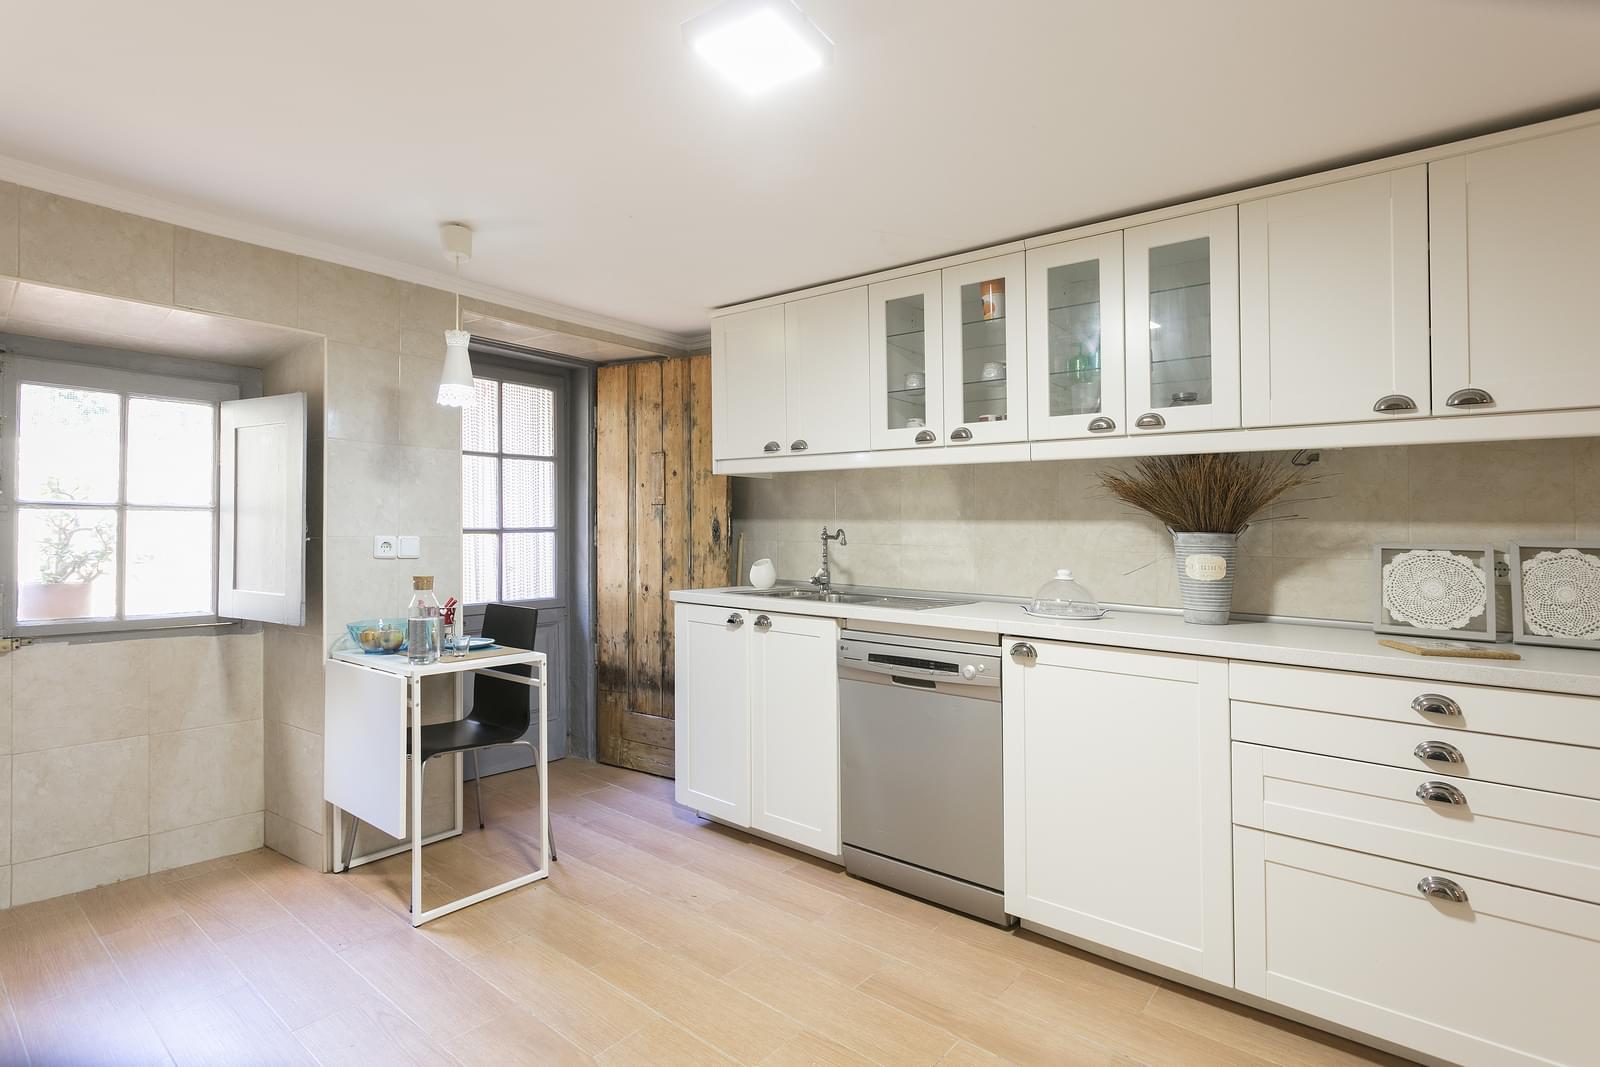 pf16716-apartamento-t2-3-lisboa-274b0617-d478-4114-9502-137b7a0672cb